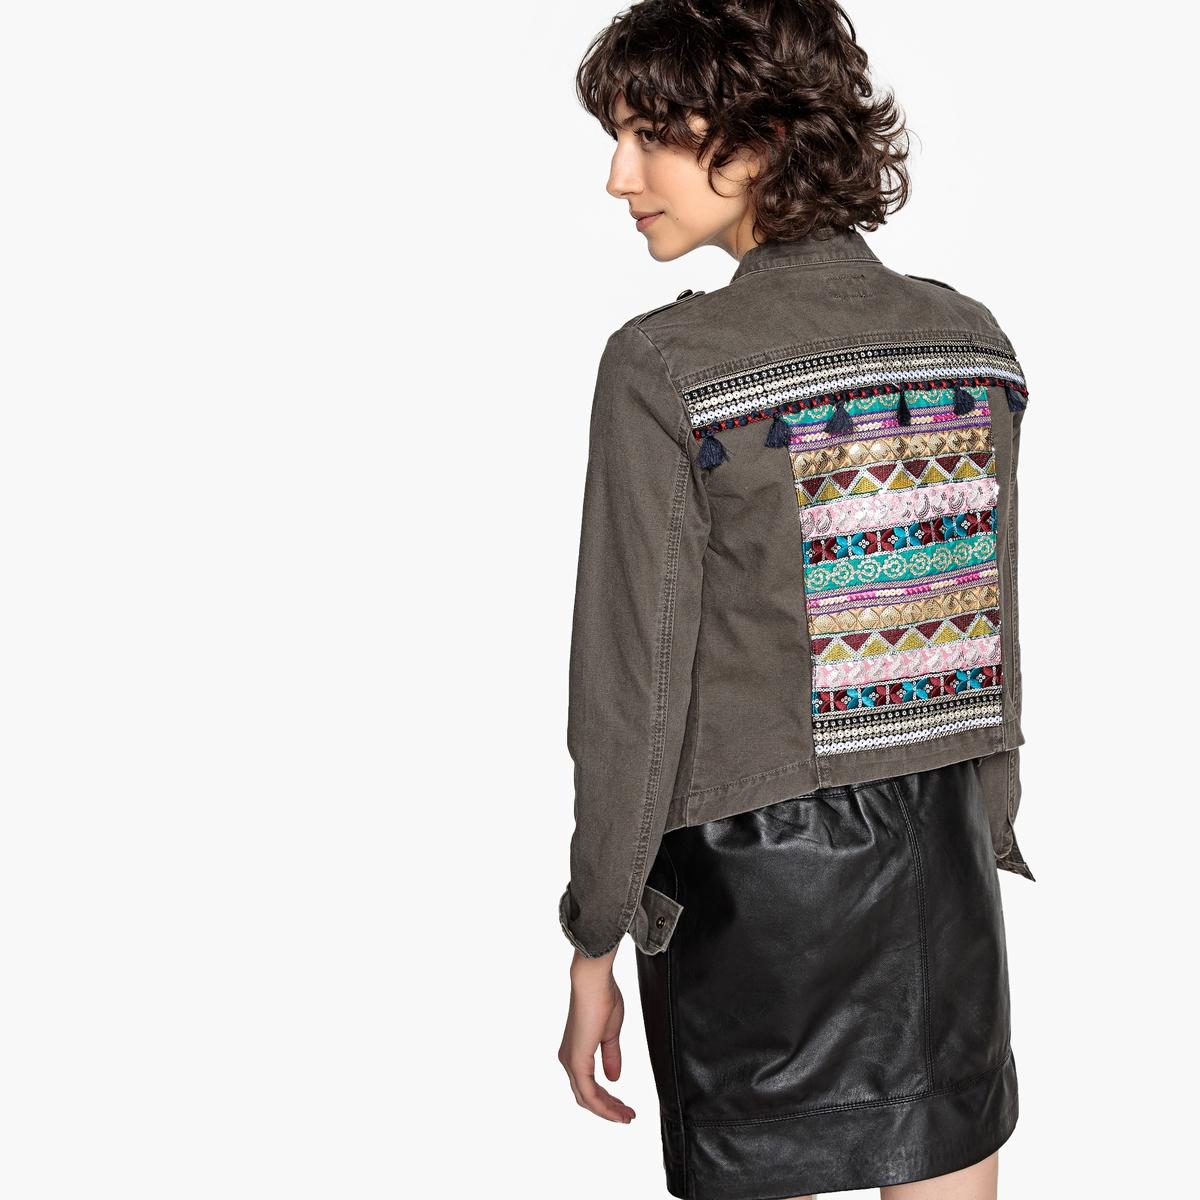 Jacke mit Stehkragen  Verzierung hinten   Bekleidung > Jacken > Sonstige Jacken   Grün   Baumwolle   ONLY